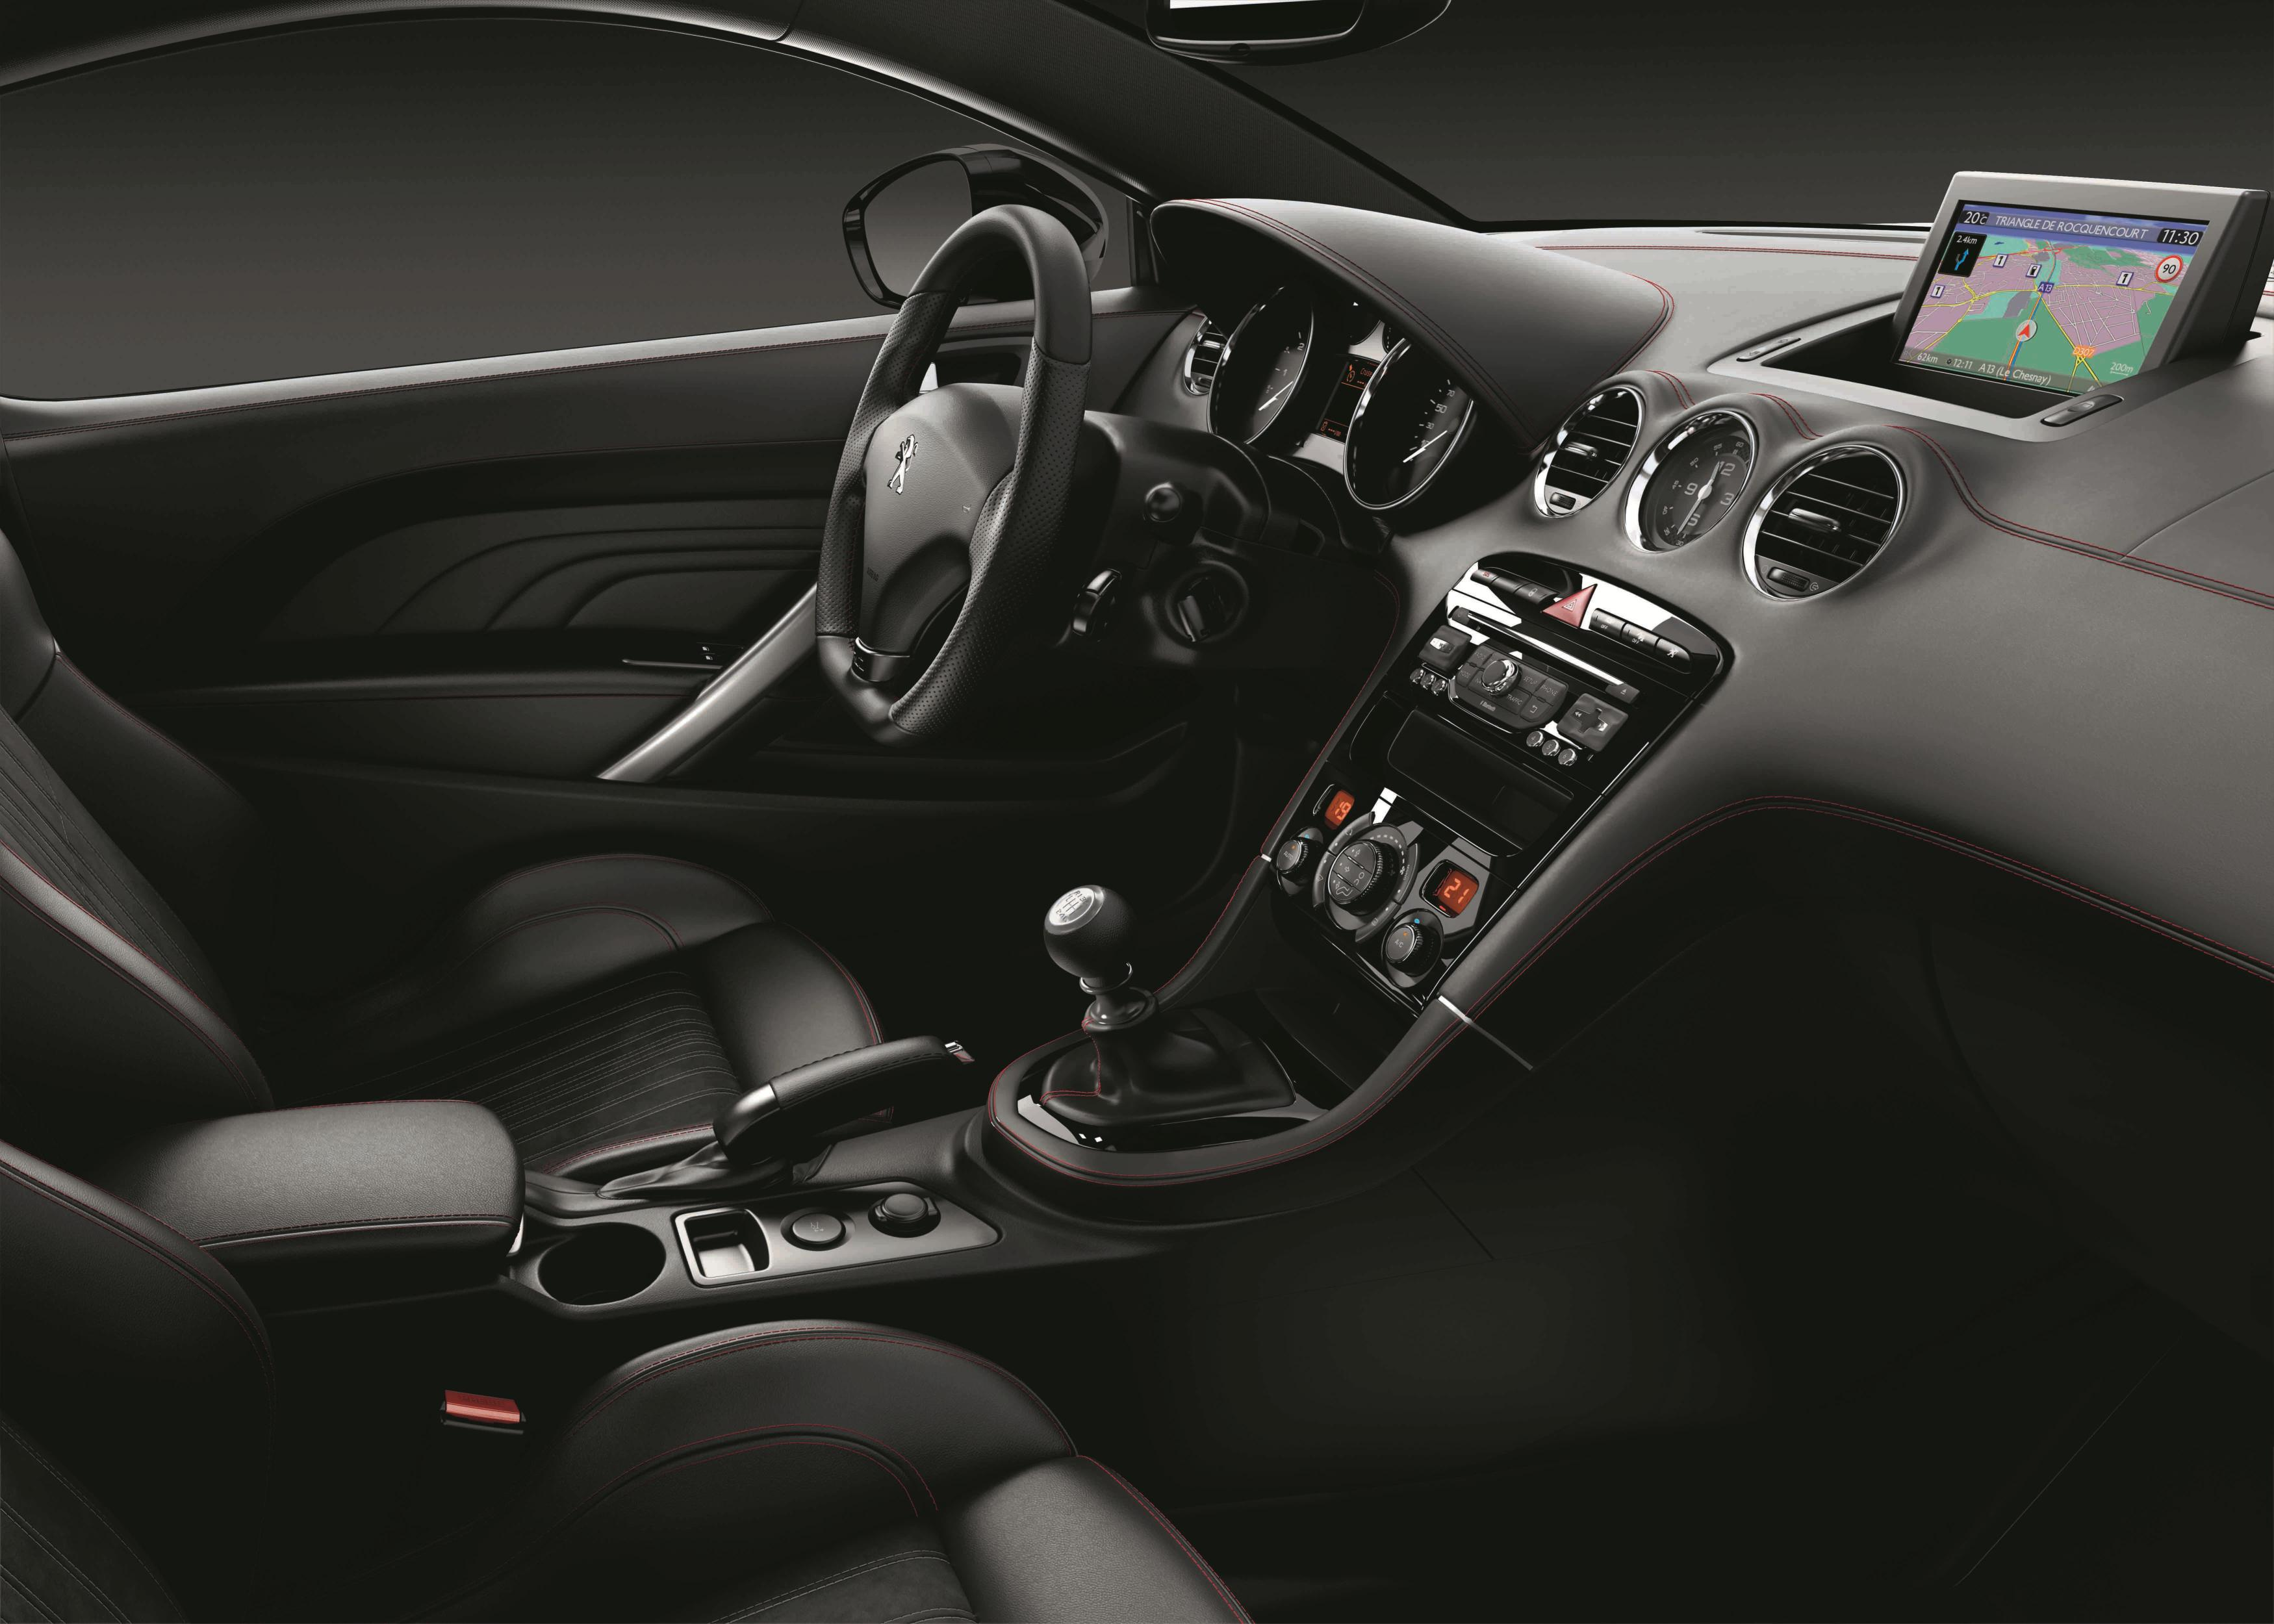 Peugeot RCZ GT Line: Disponible con el 1.6 THP de 200 CV por 33.900 euros 2